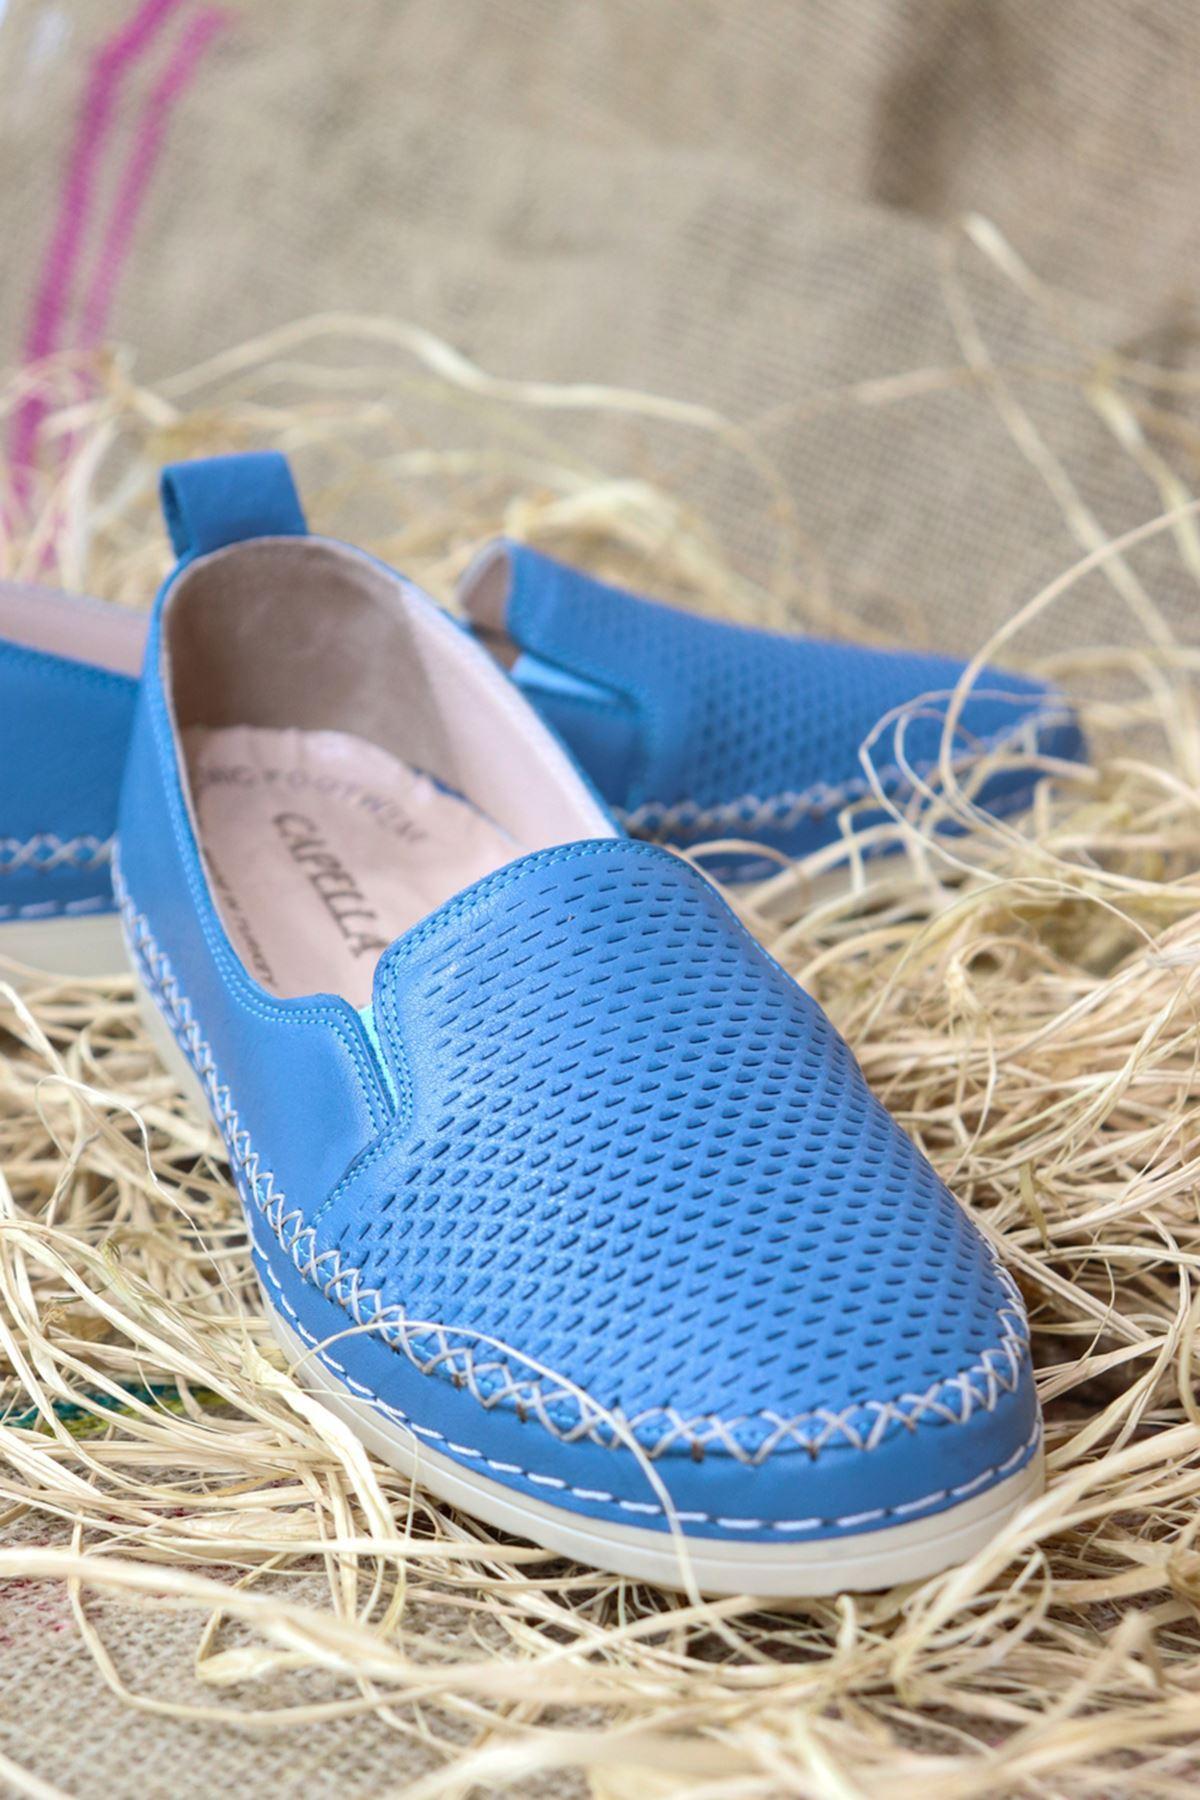 Trendayakkabı - Mavi Deri Kadın Ayakkabısı